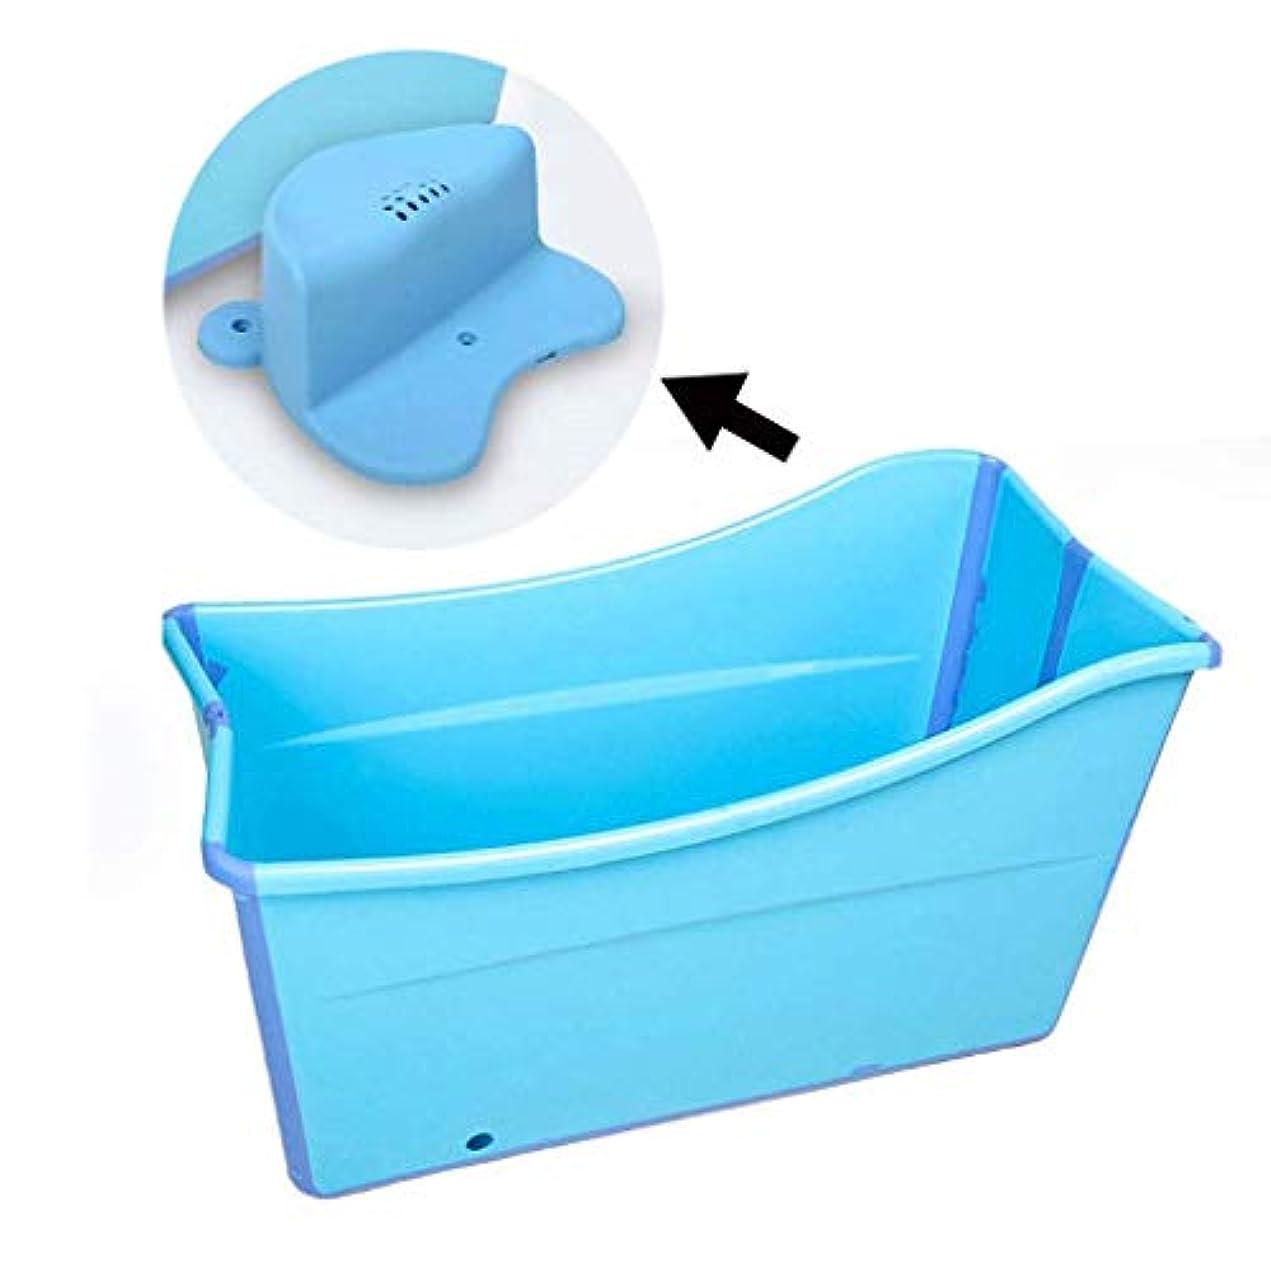 人里離れたエスカレーターオピエートジャンボ折り畳み浴槽に入浴椅子があり、夏のプールの独立式浴槽桶は成人/老人、子供、SPA理学療法に適していて、浴槽がさらに高くなって、長い保温時間に蓋が付いています (Color : Blue)